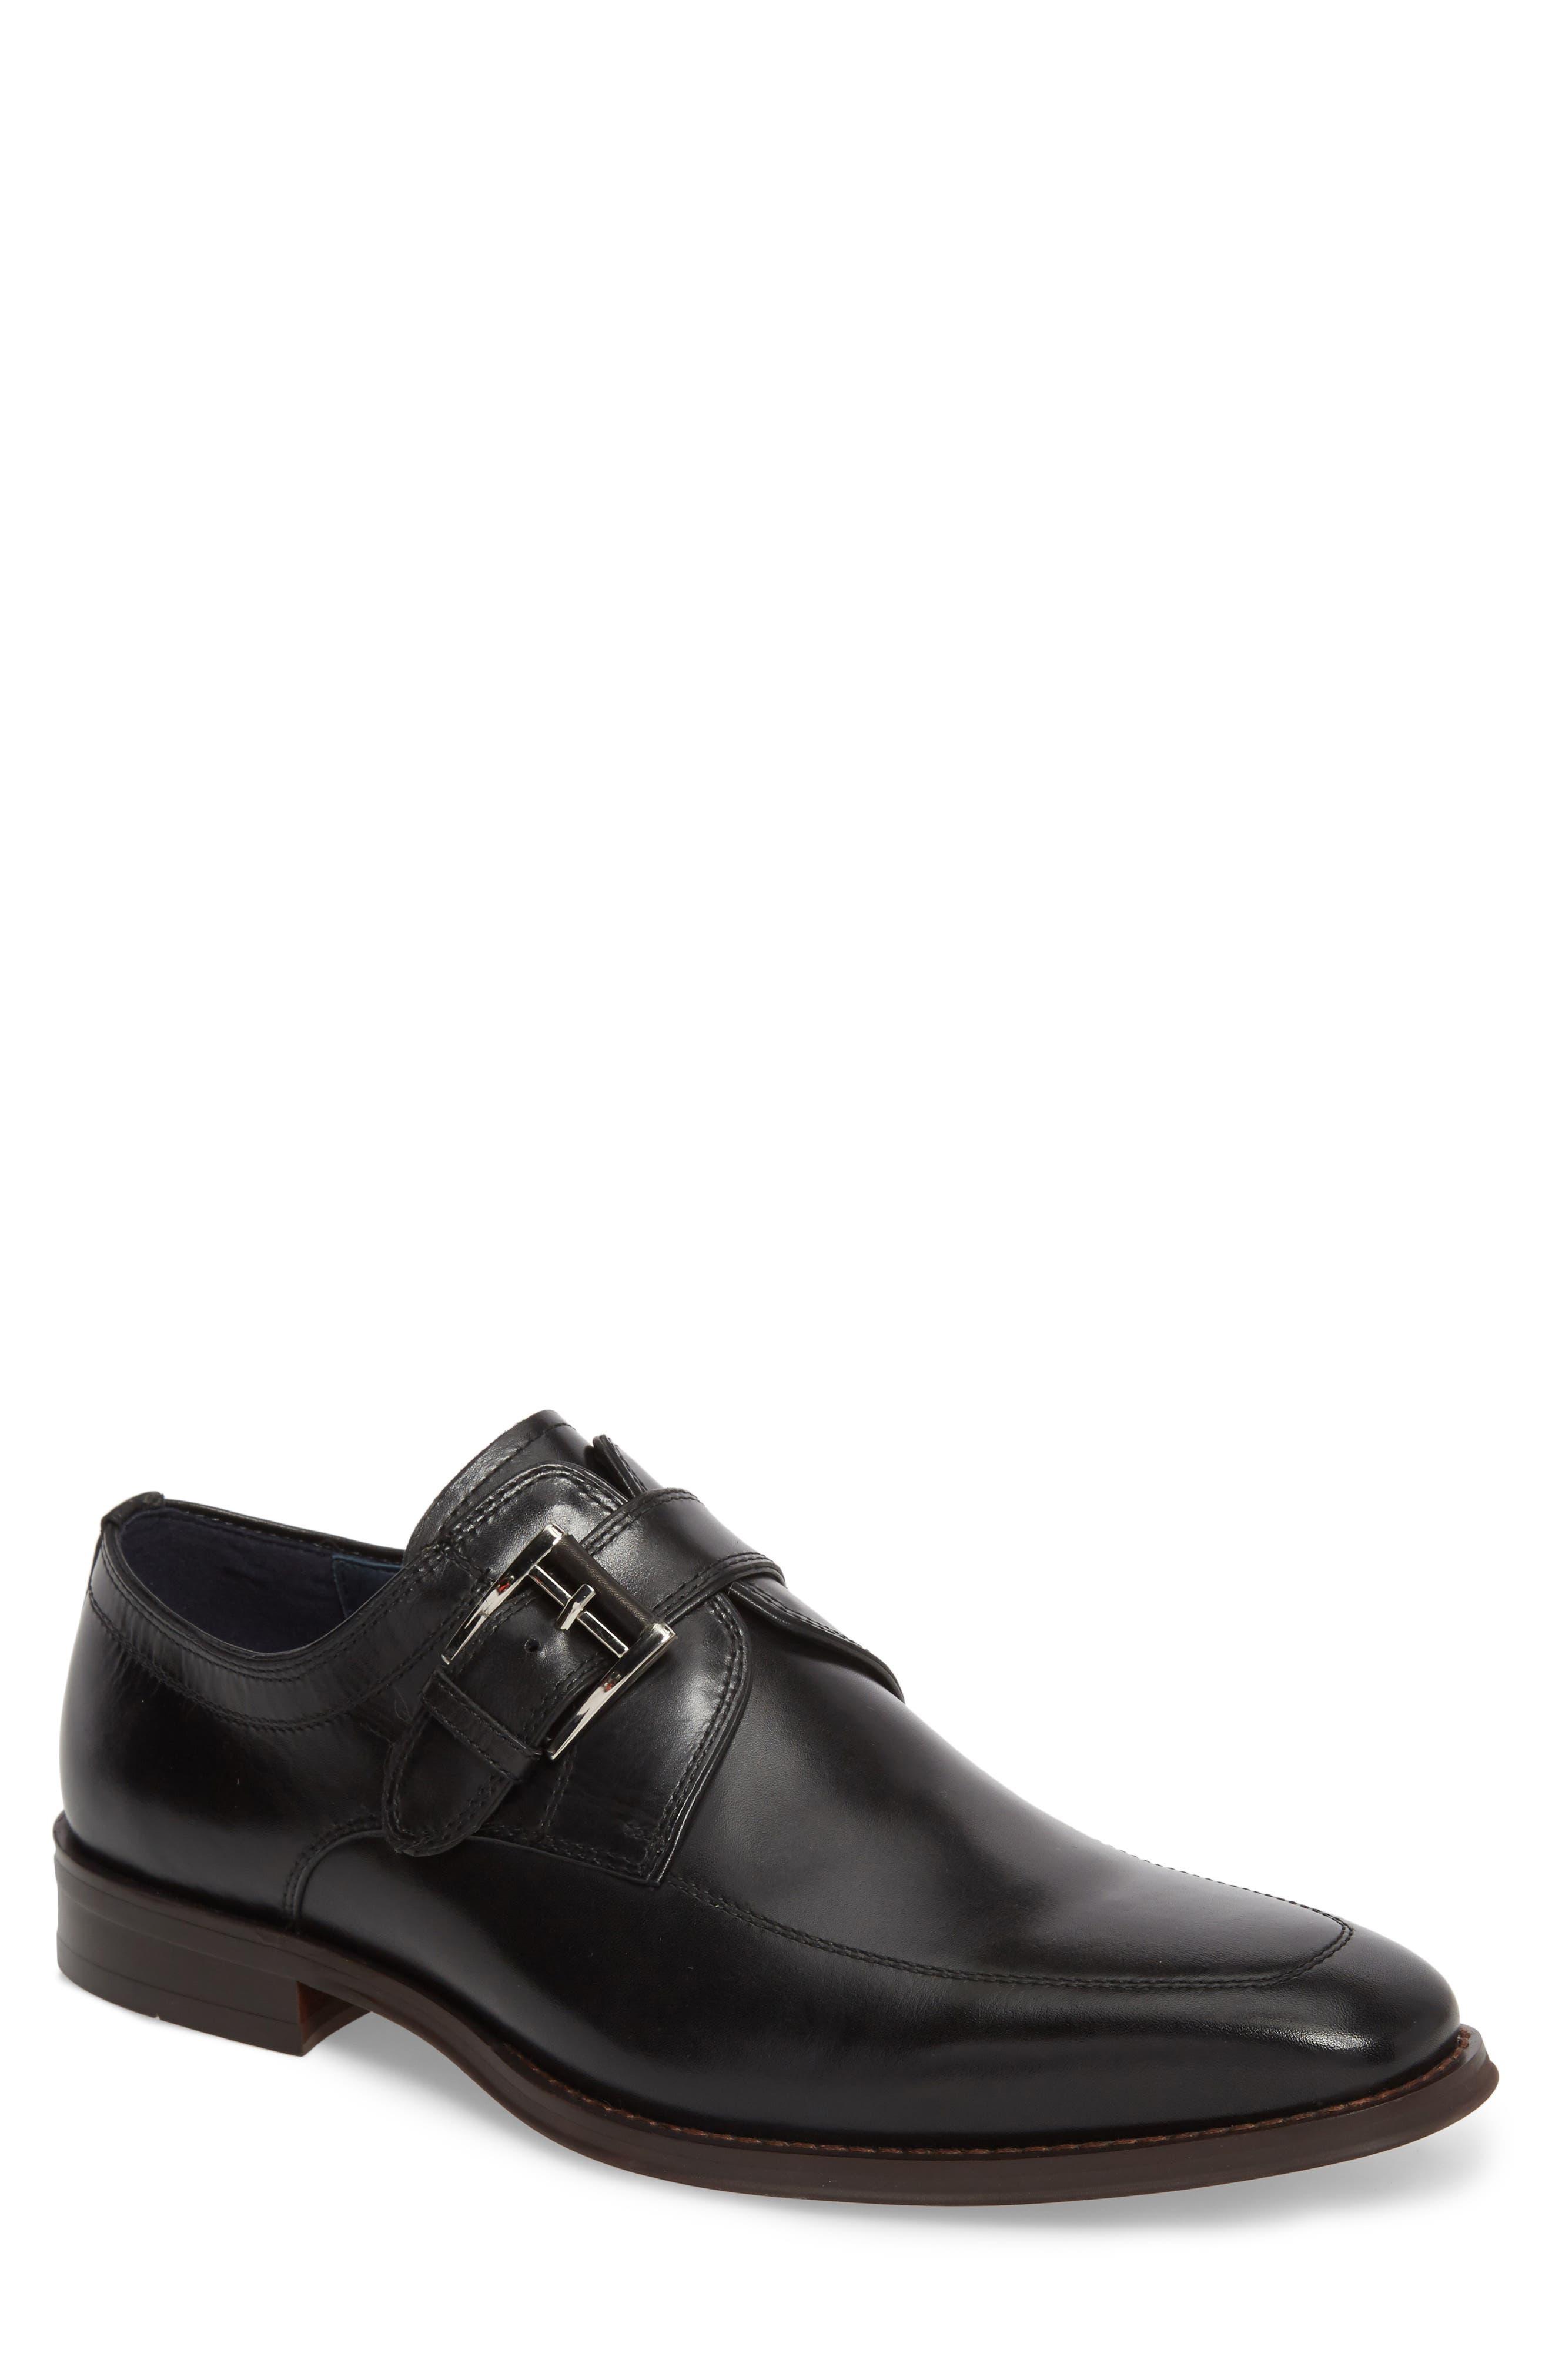 Merlot Single Buckle Monk Shoe,                         Main,                         color, BLACK LEATHER